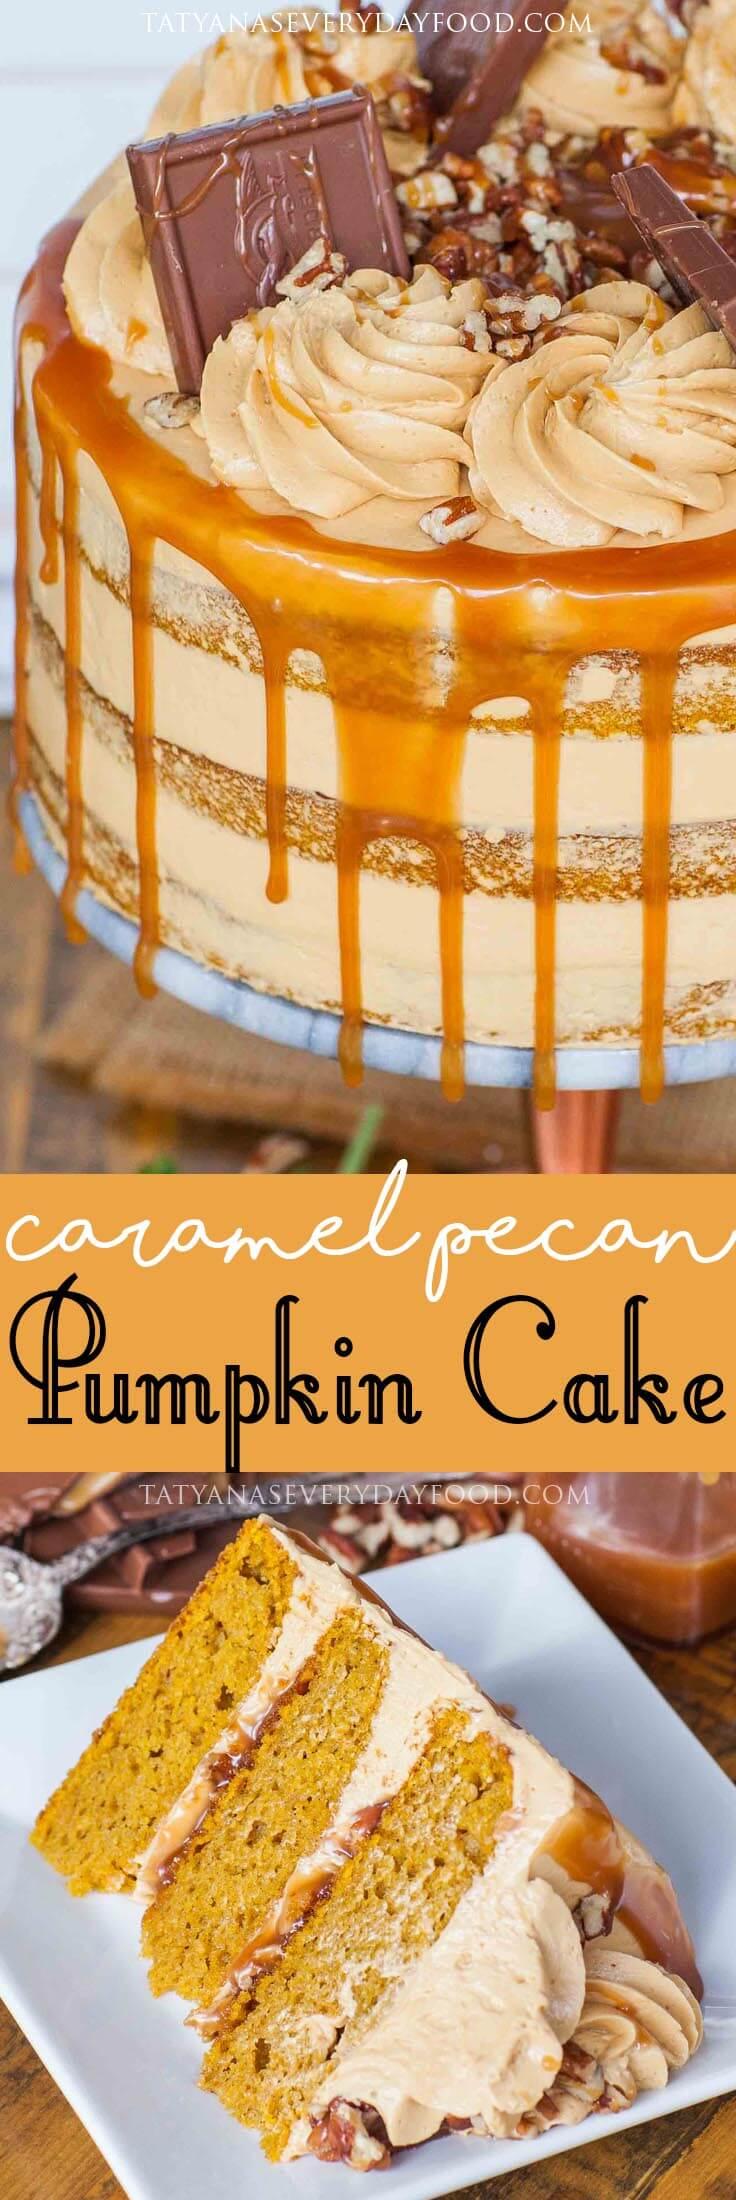 Pumpkin Cake video recipe